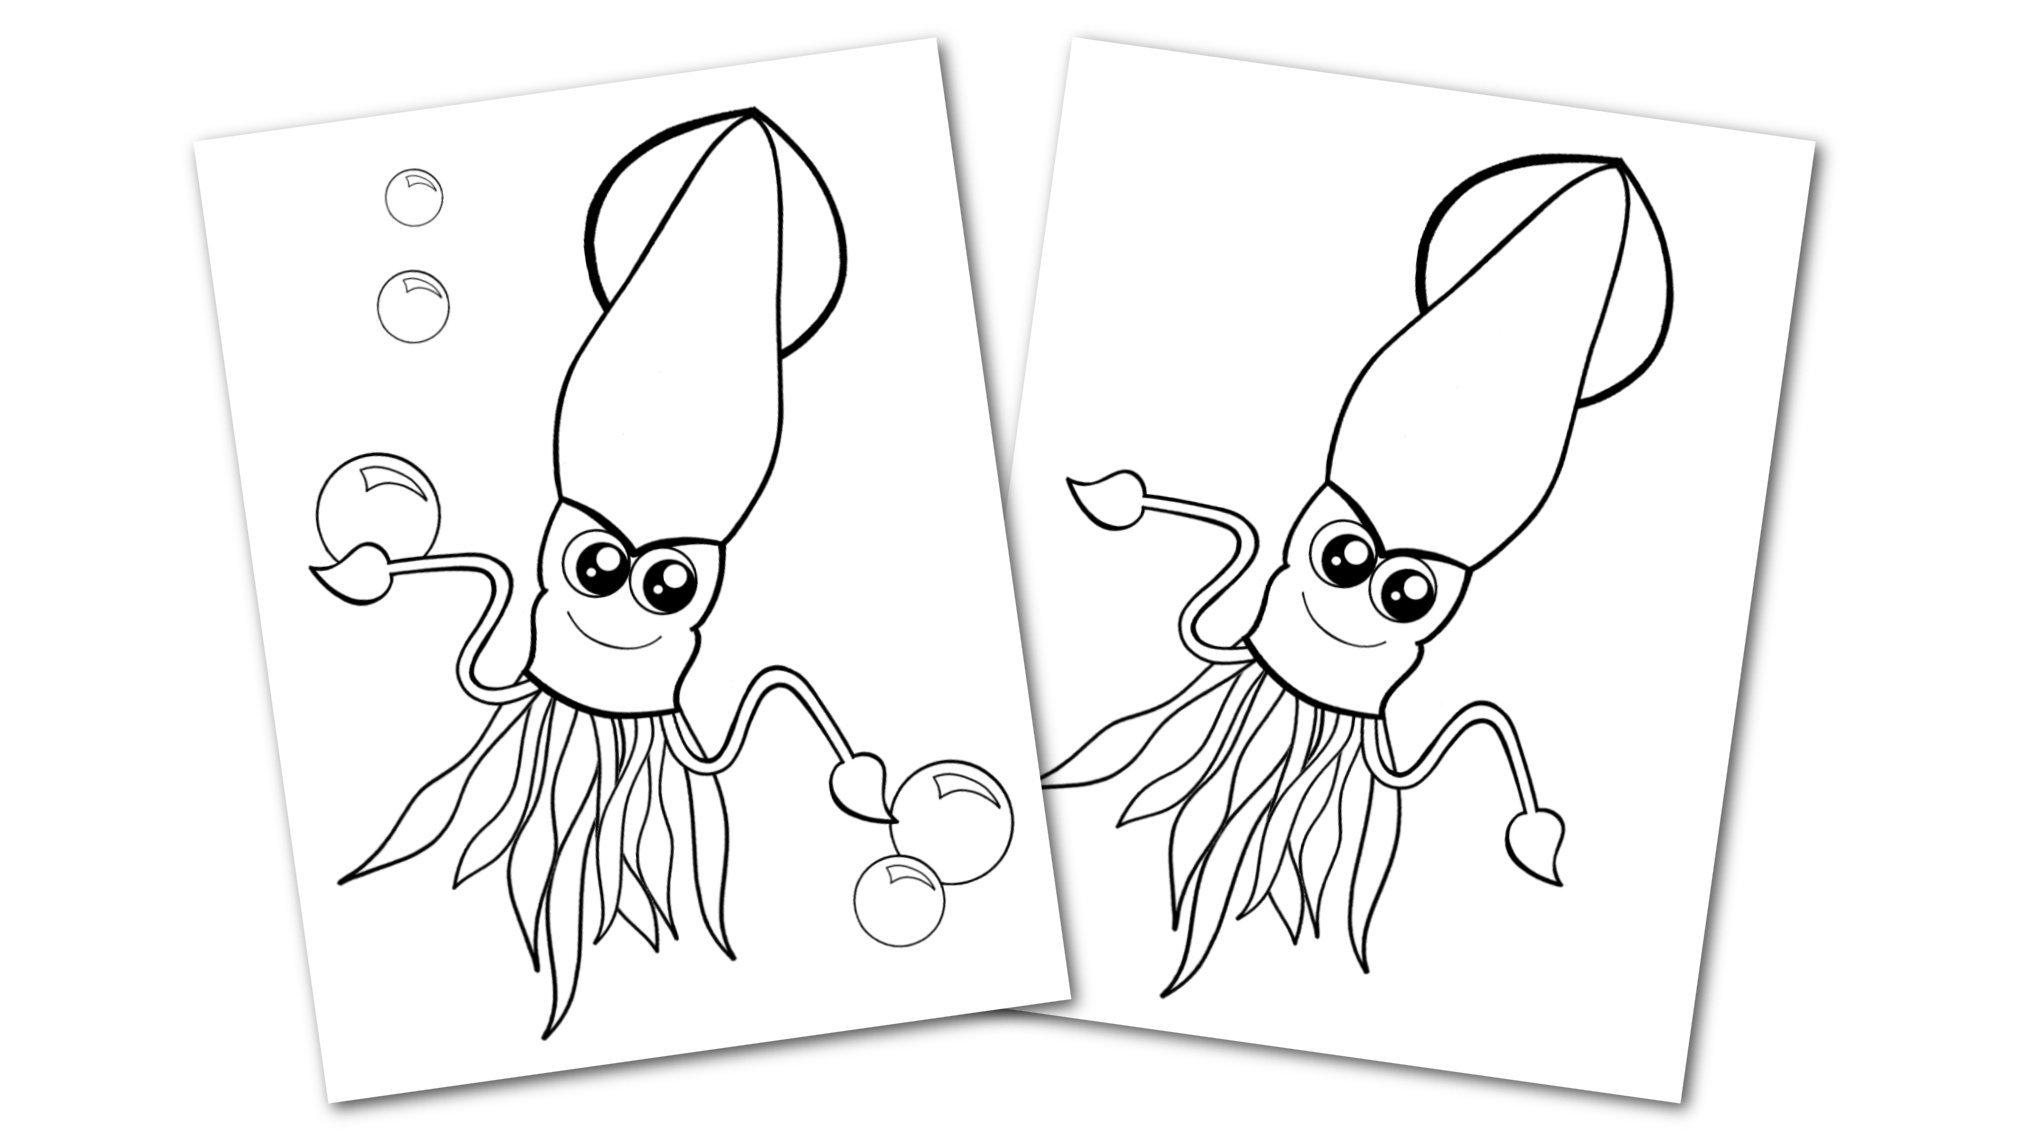 Free Printable Squid Ocean Animal Convertkit for Toddlers, Kids and Preschoolers